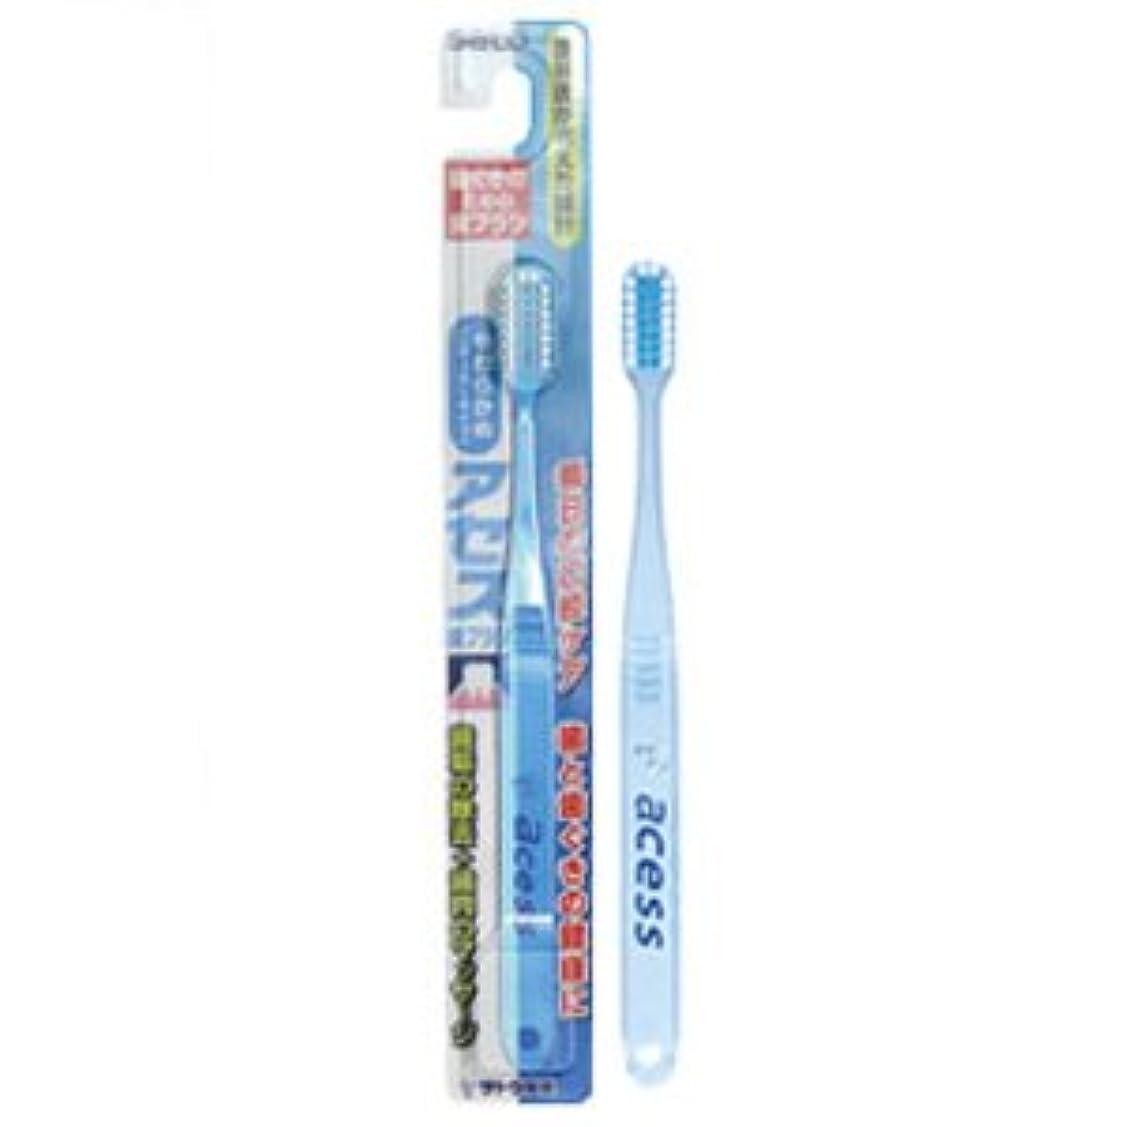 持ってる保護チューリップアセス歯ブラシ やわらかめ(レギュラータイプ) ブルー 12本